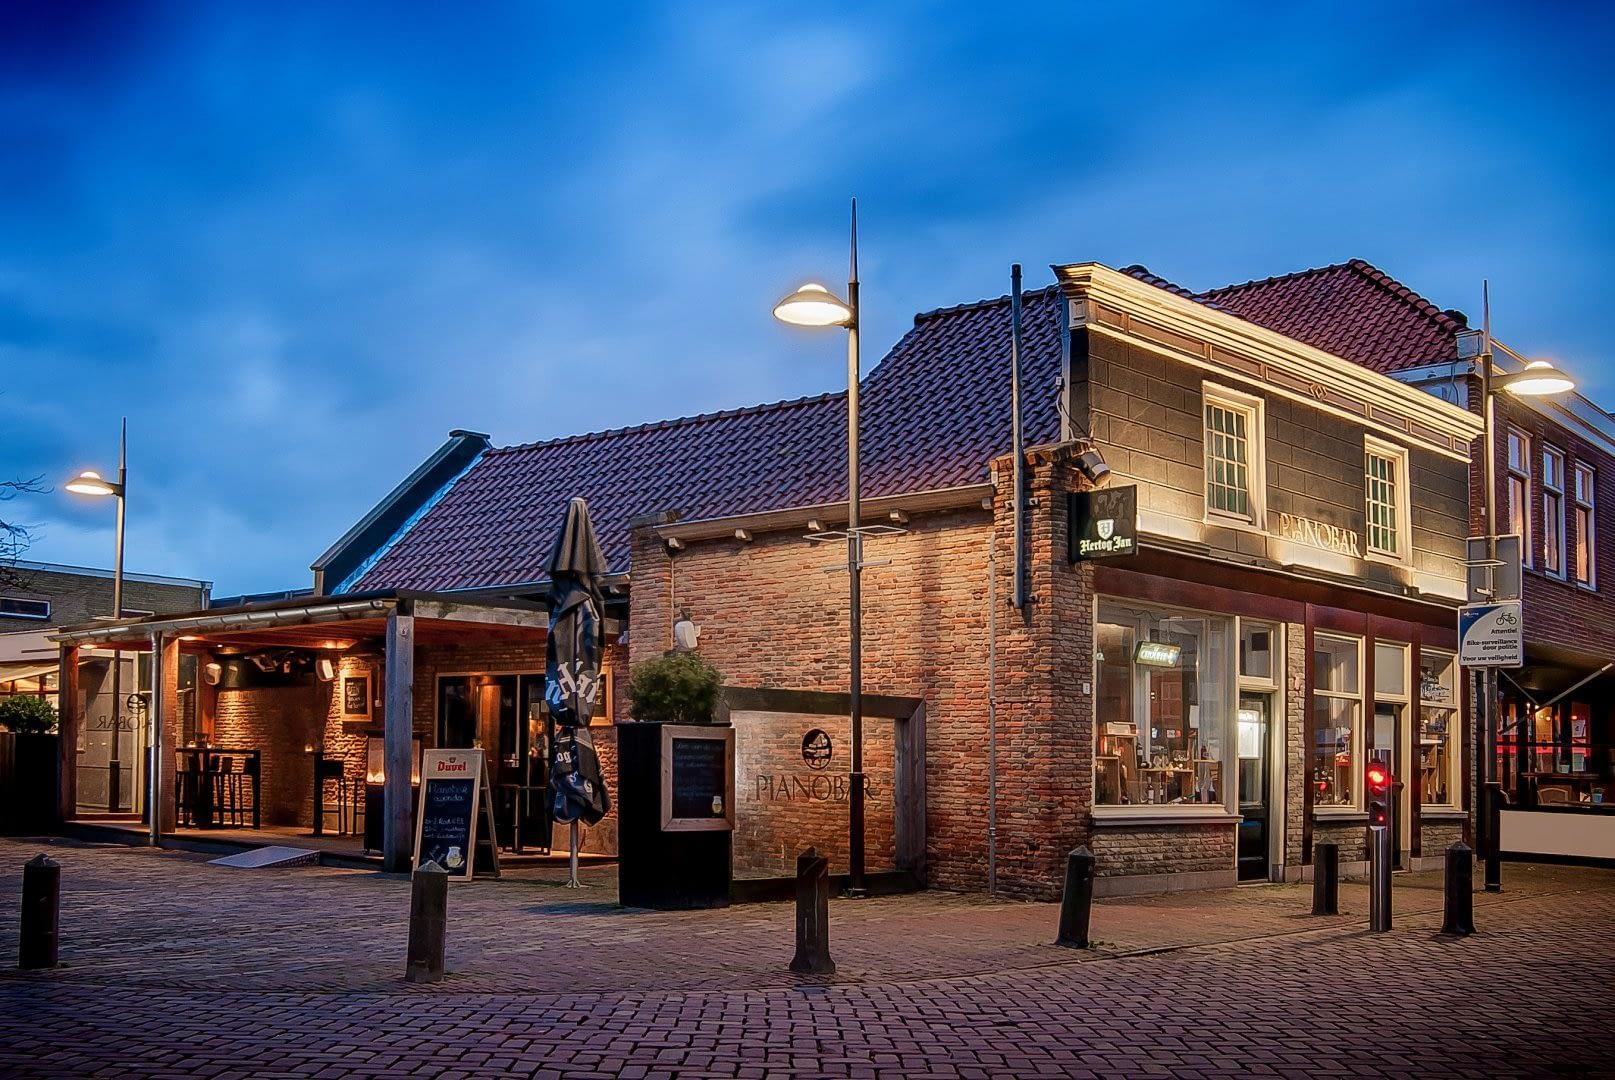 foto van het verlichte pand van De Pianobar in Naaldwijk